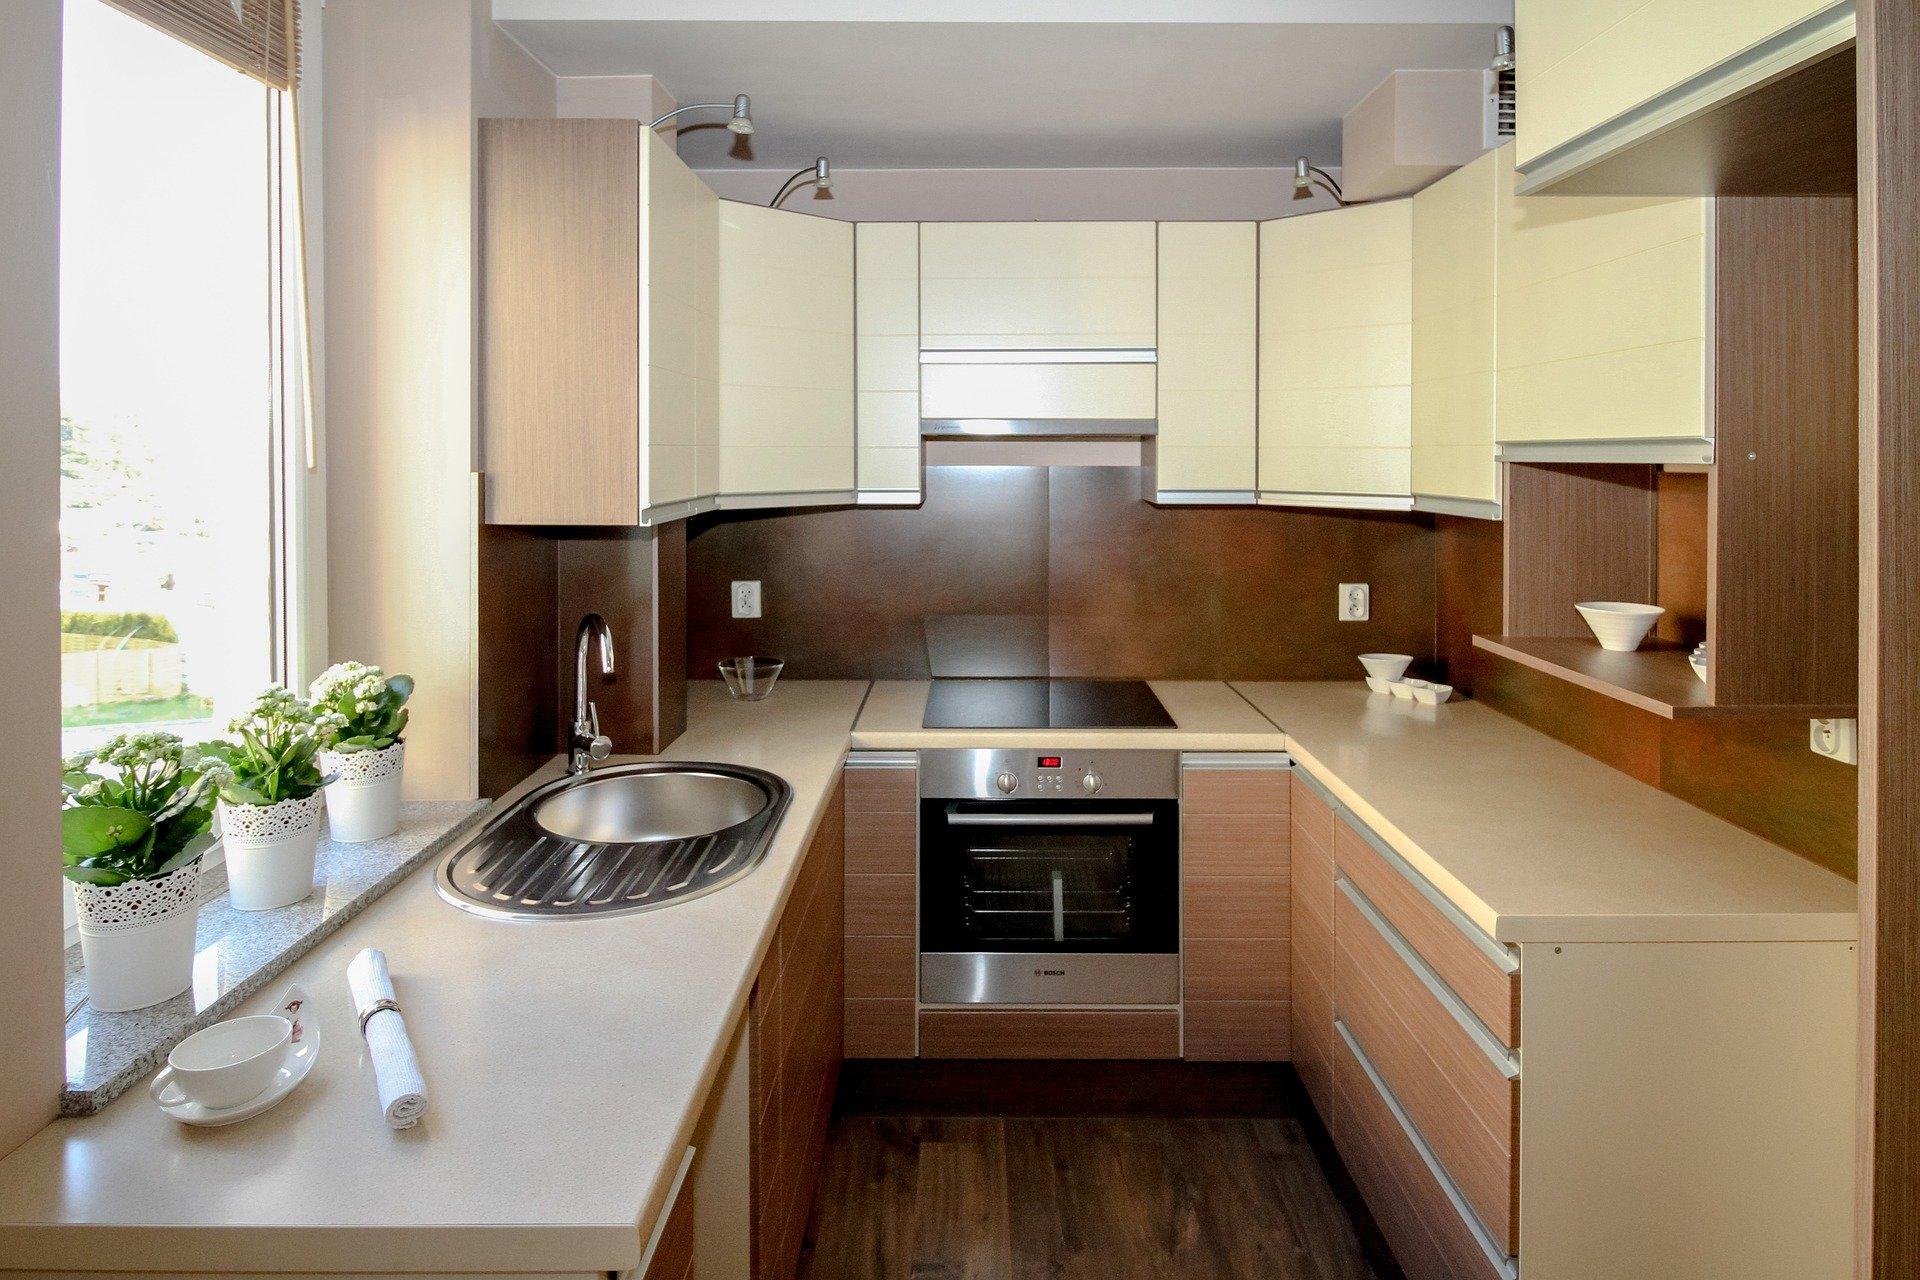 Skorzystaj z promocji na nowe kuchnie